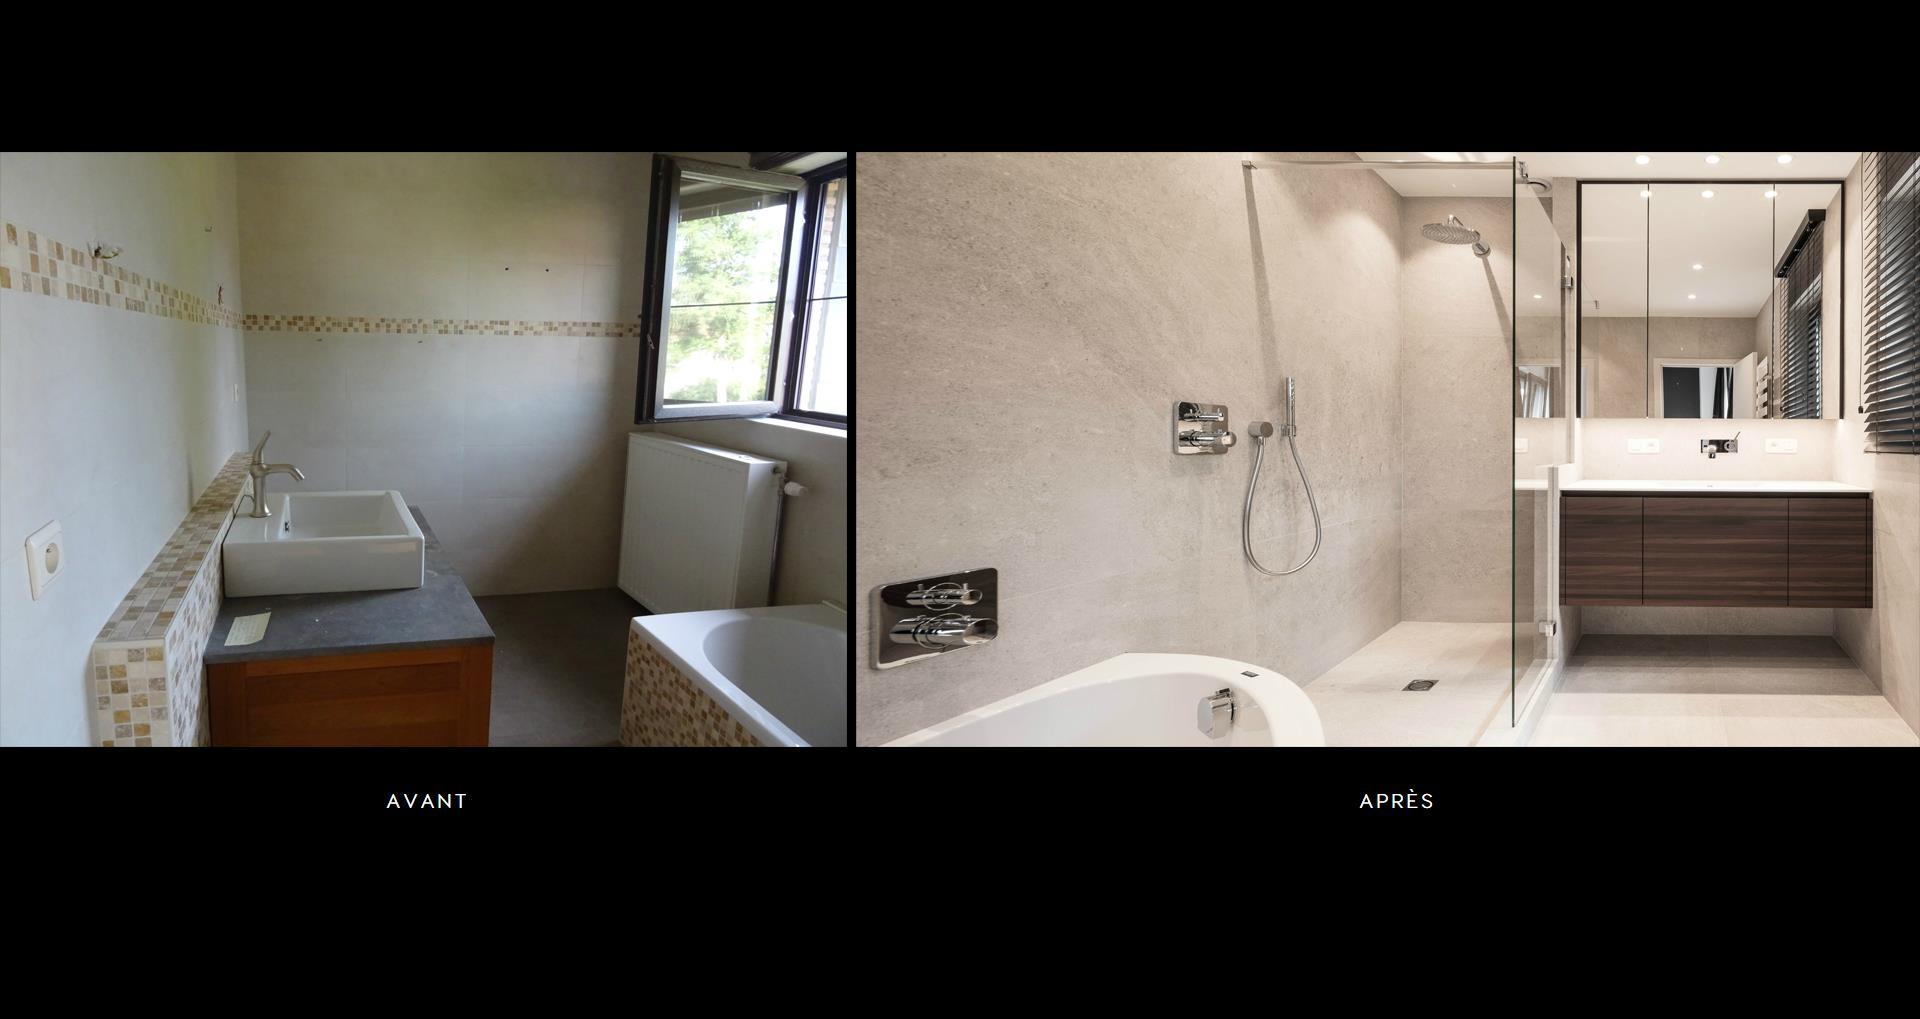 Rénovation salle de bain, rénovation salle de bain petite ...